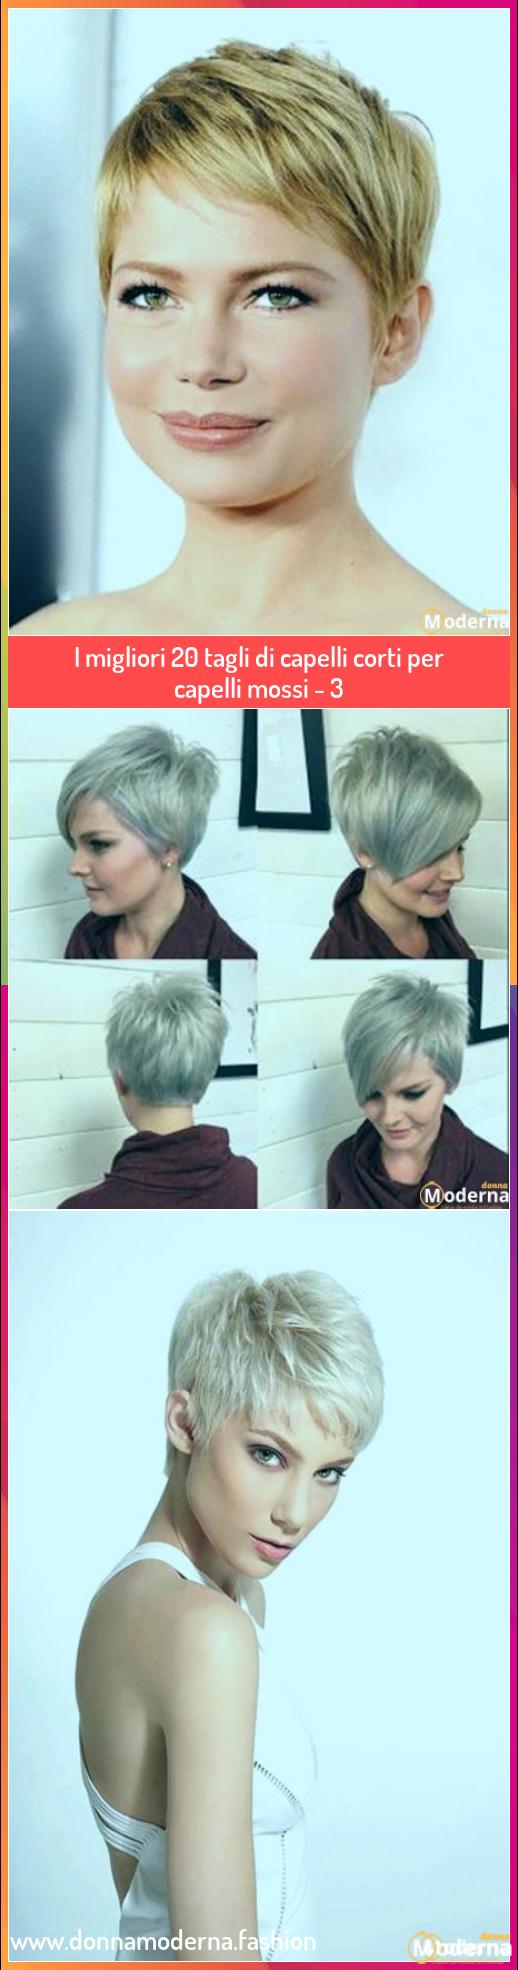 Photo of I migliori 20 tagli di capelli corti per capelli mossi – 3